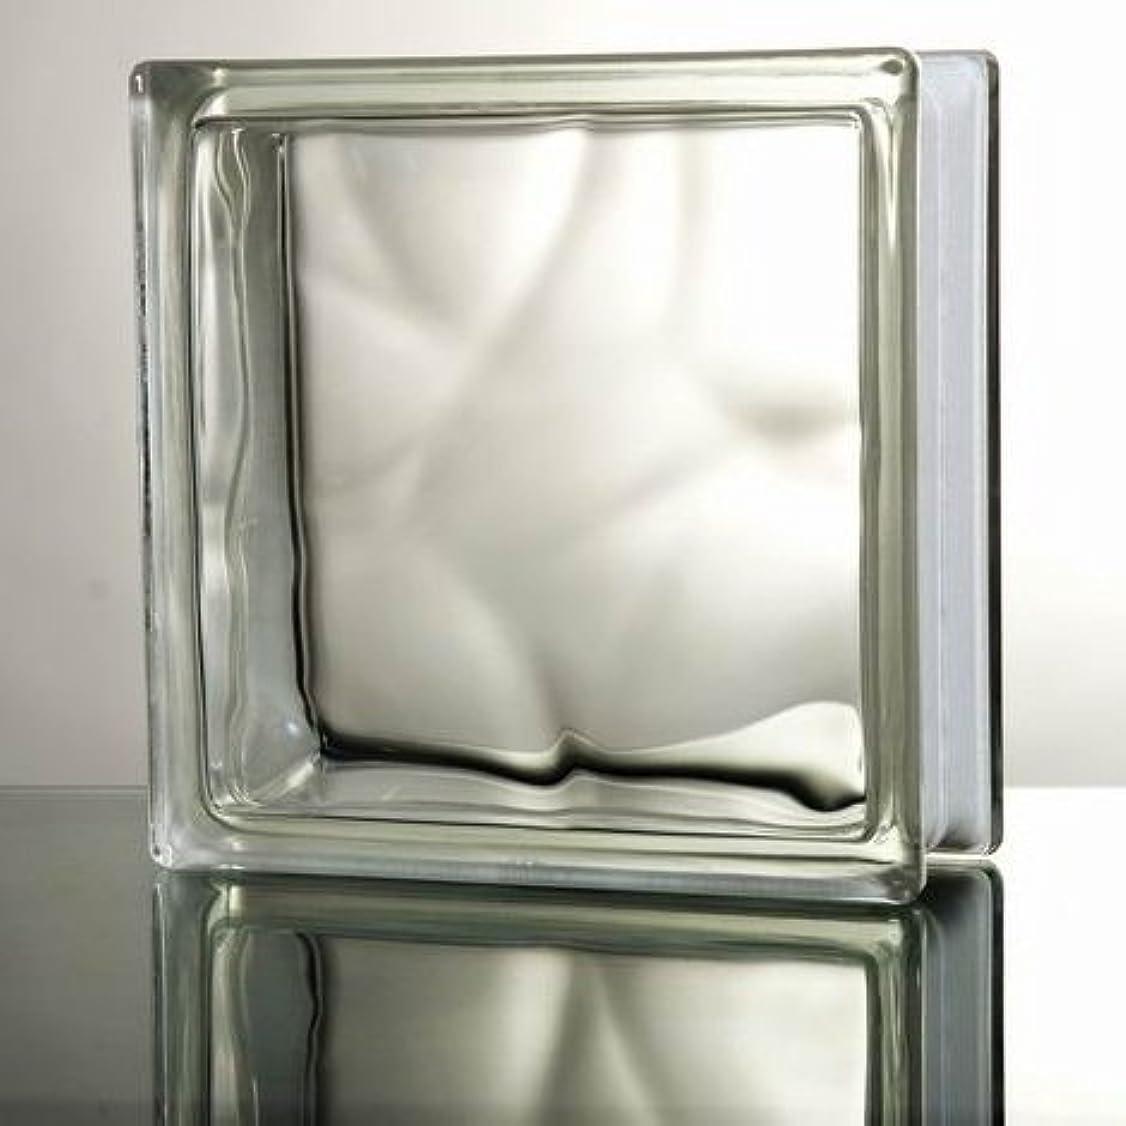 重要本当にご意見ガラスブロック 6個セット(厚み80mm クリア色雲) gb26806